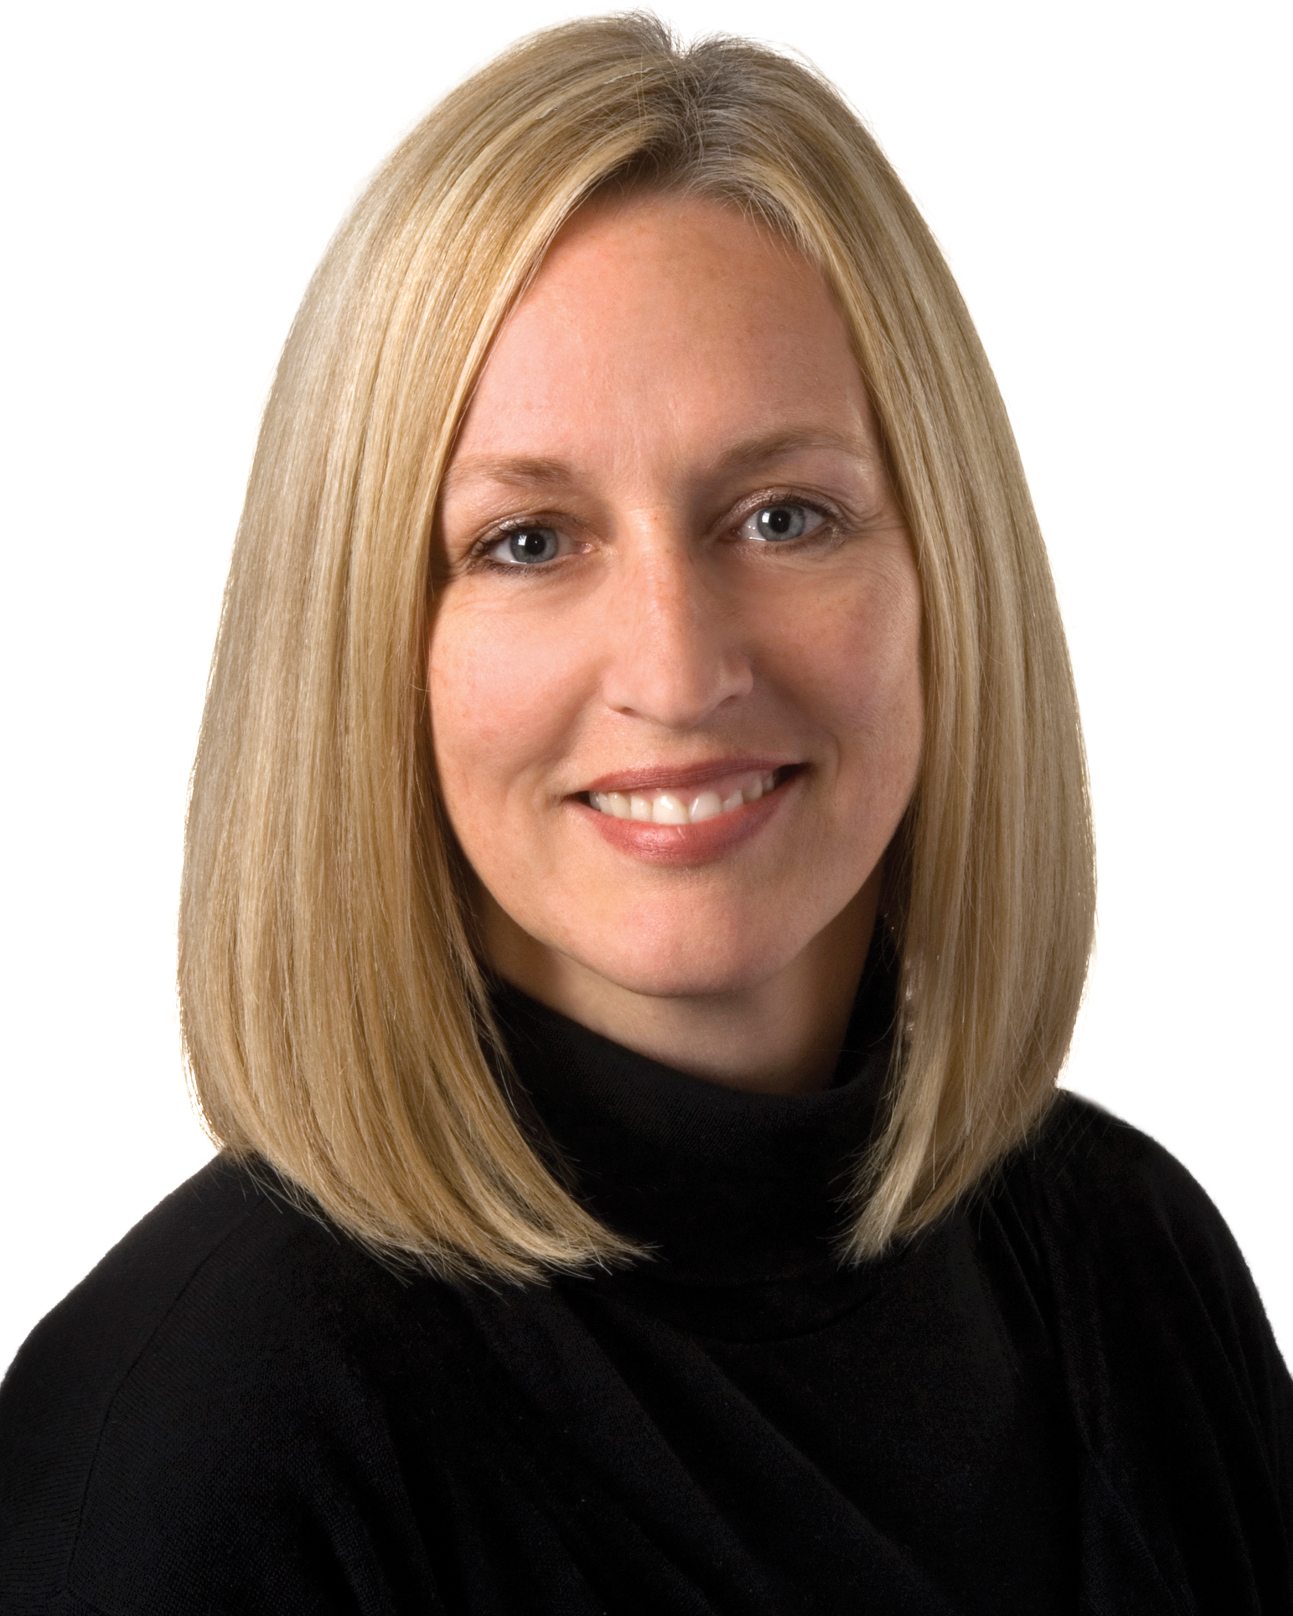 Lori Morrison